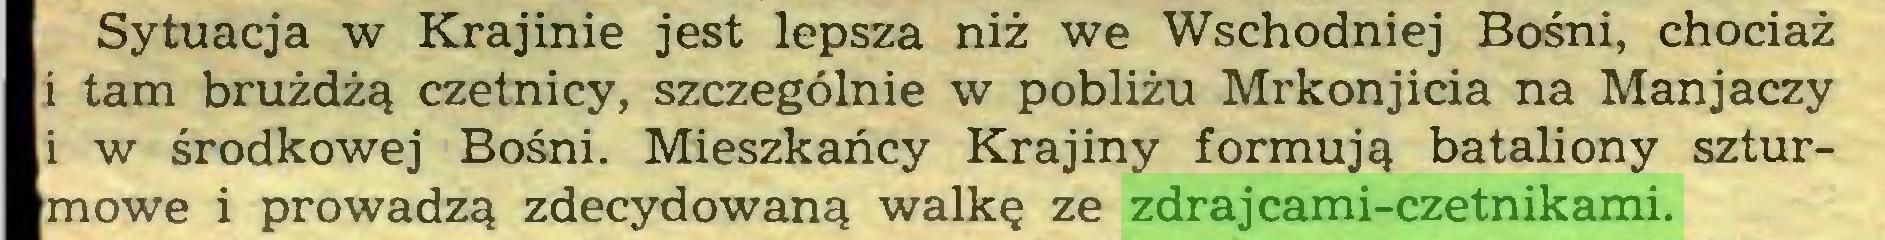 (...) Sytuacja w Krajinie jest lepsza niż we Wschodniej Bośni, chociaż i tam brużdżą czetnicy, szczególnie w pobliżu Mrkonjicia na Manjaczy i w środkowej Bośni. Mieszkańcy Krajiny formują bataliony szturmowe i prowadzą zdecydowaną walkę ze zdrajcami-czetnikami...